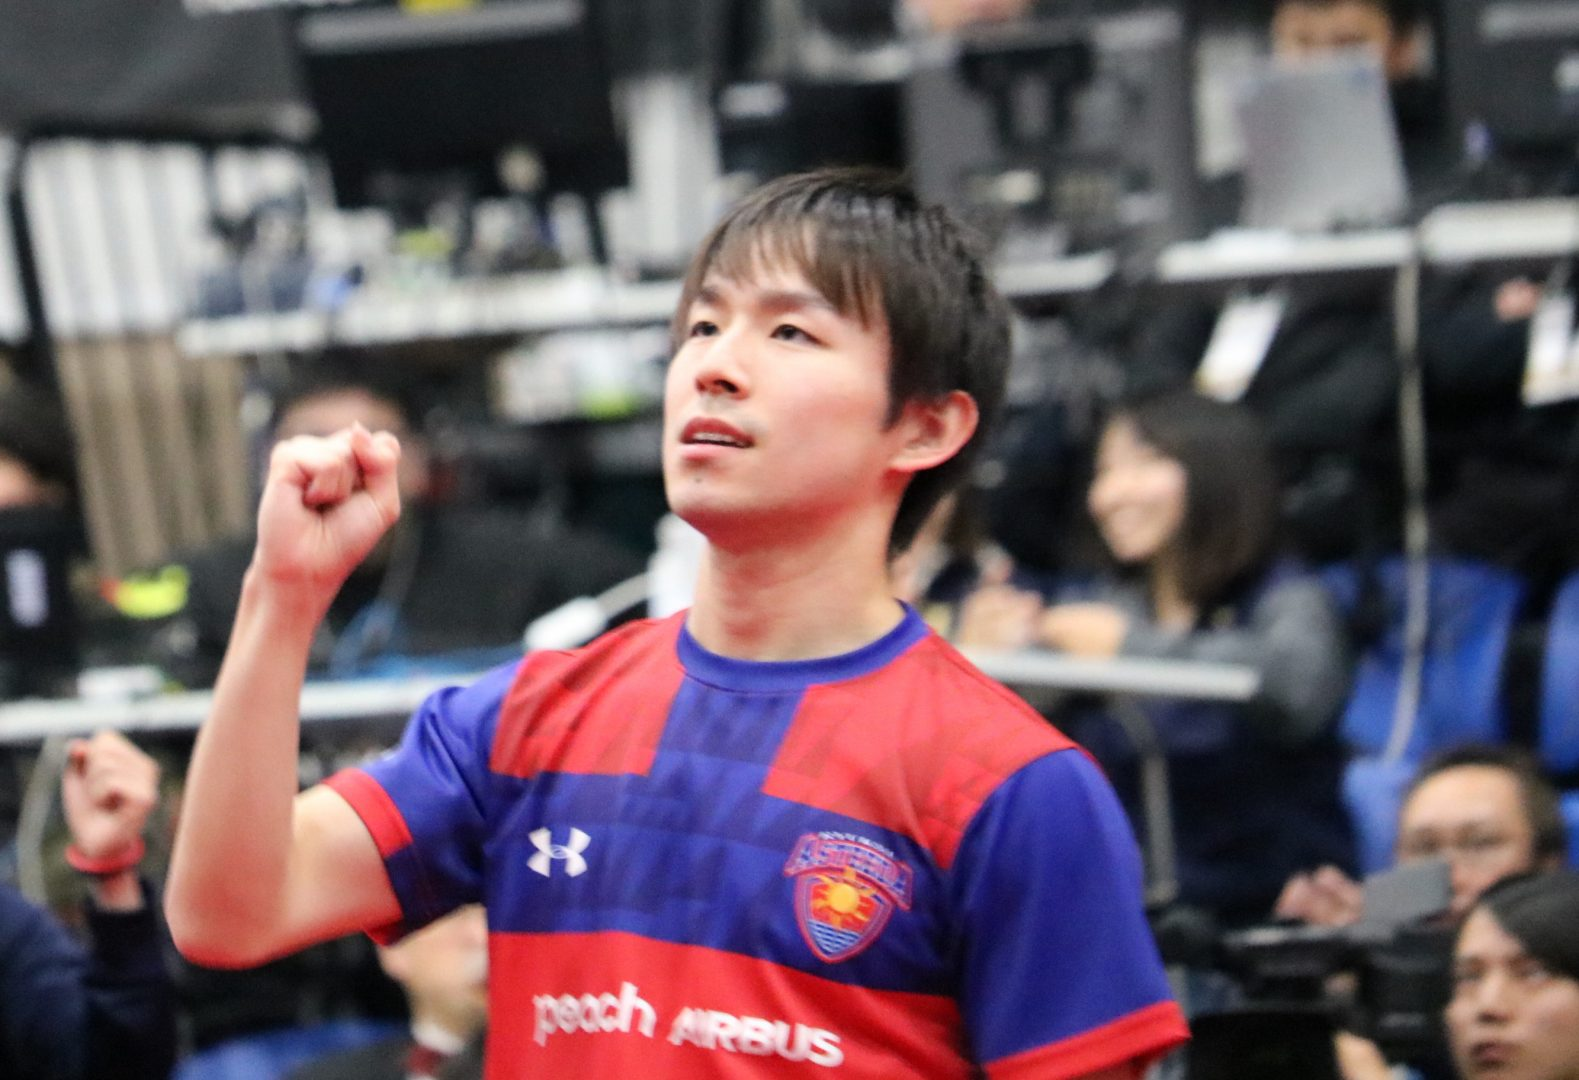 【卓球・Tリーグ】丹羽孝希がファンに感謝のツイート  琉球支えたタイペイ3選手も帰国へ